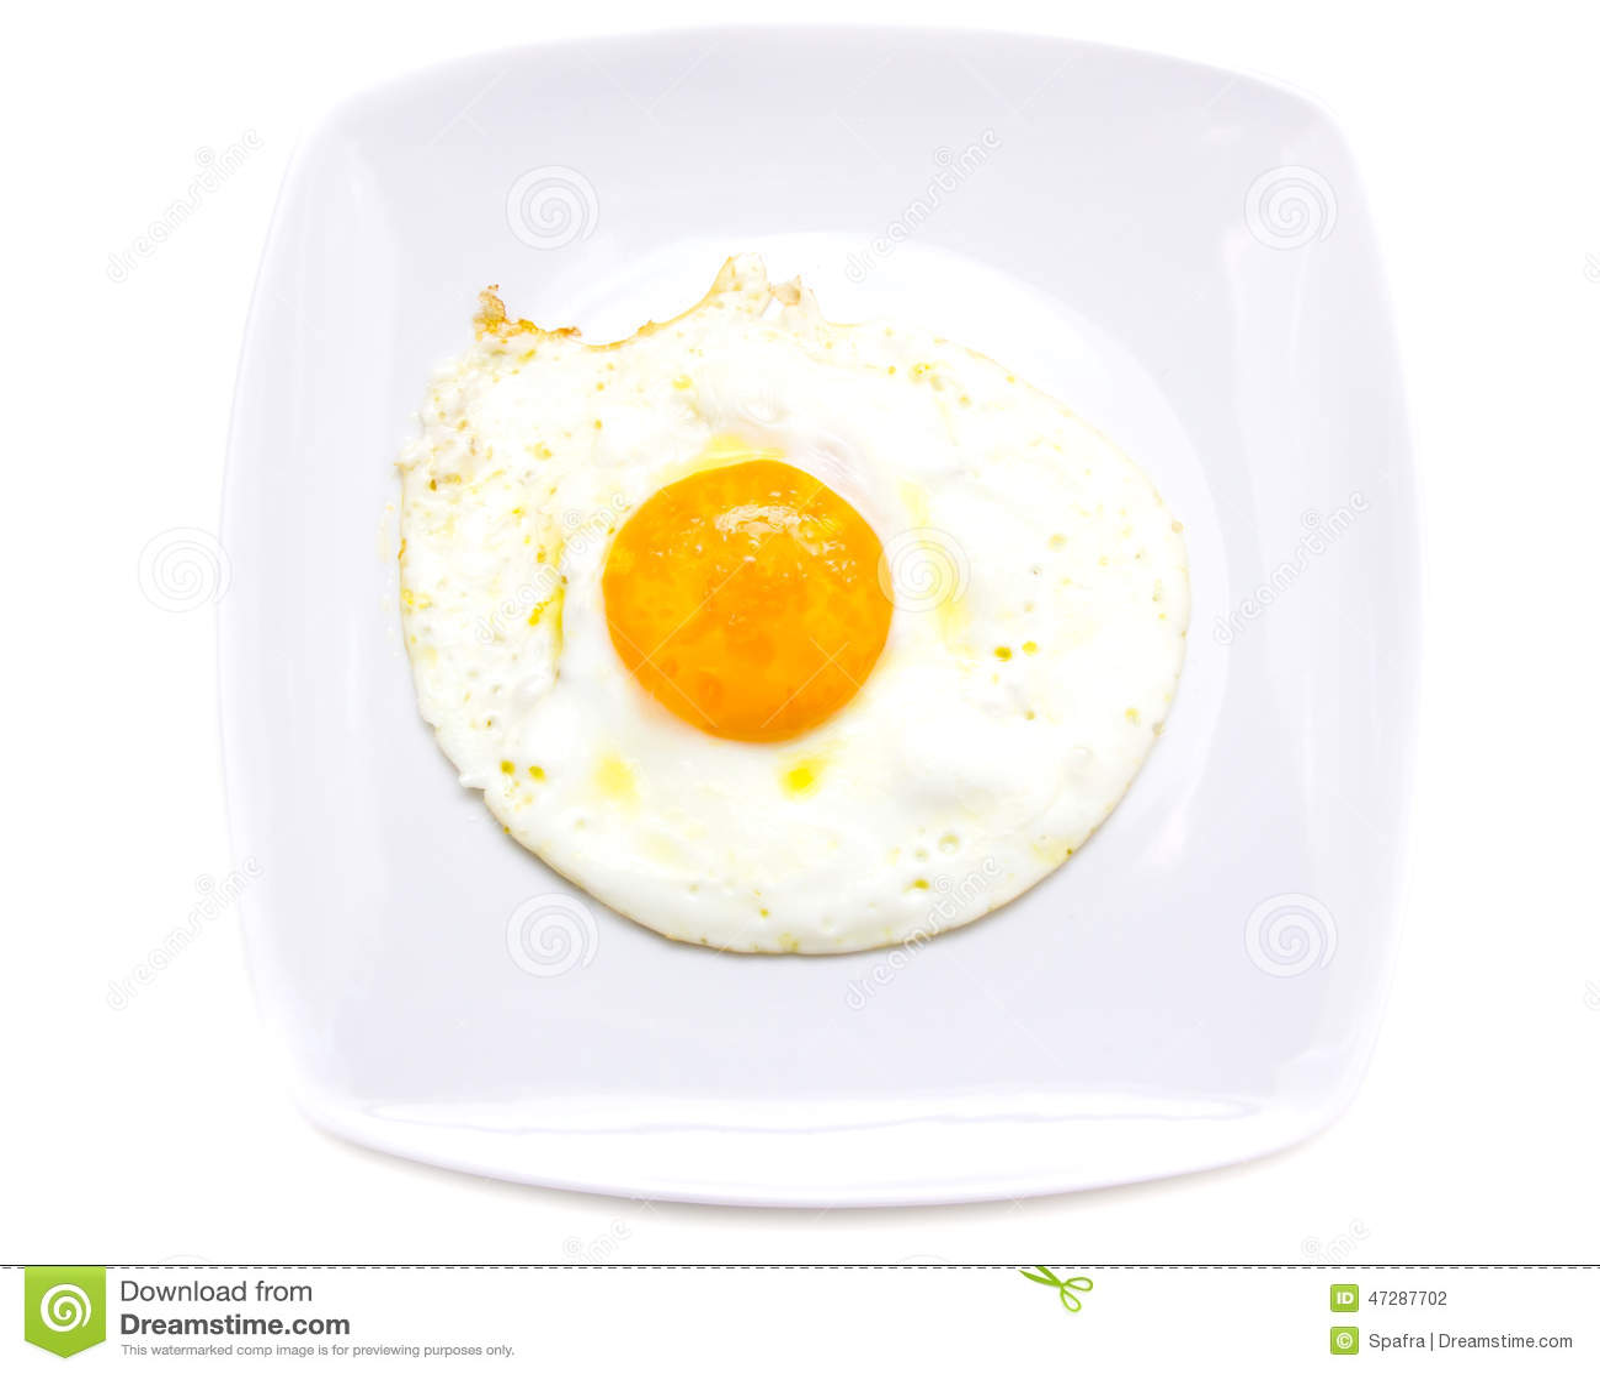 Fried egg on a plate — Stock Photo © Garsya #8237040  |Fried Eggs On A Plate